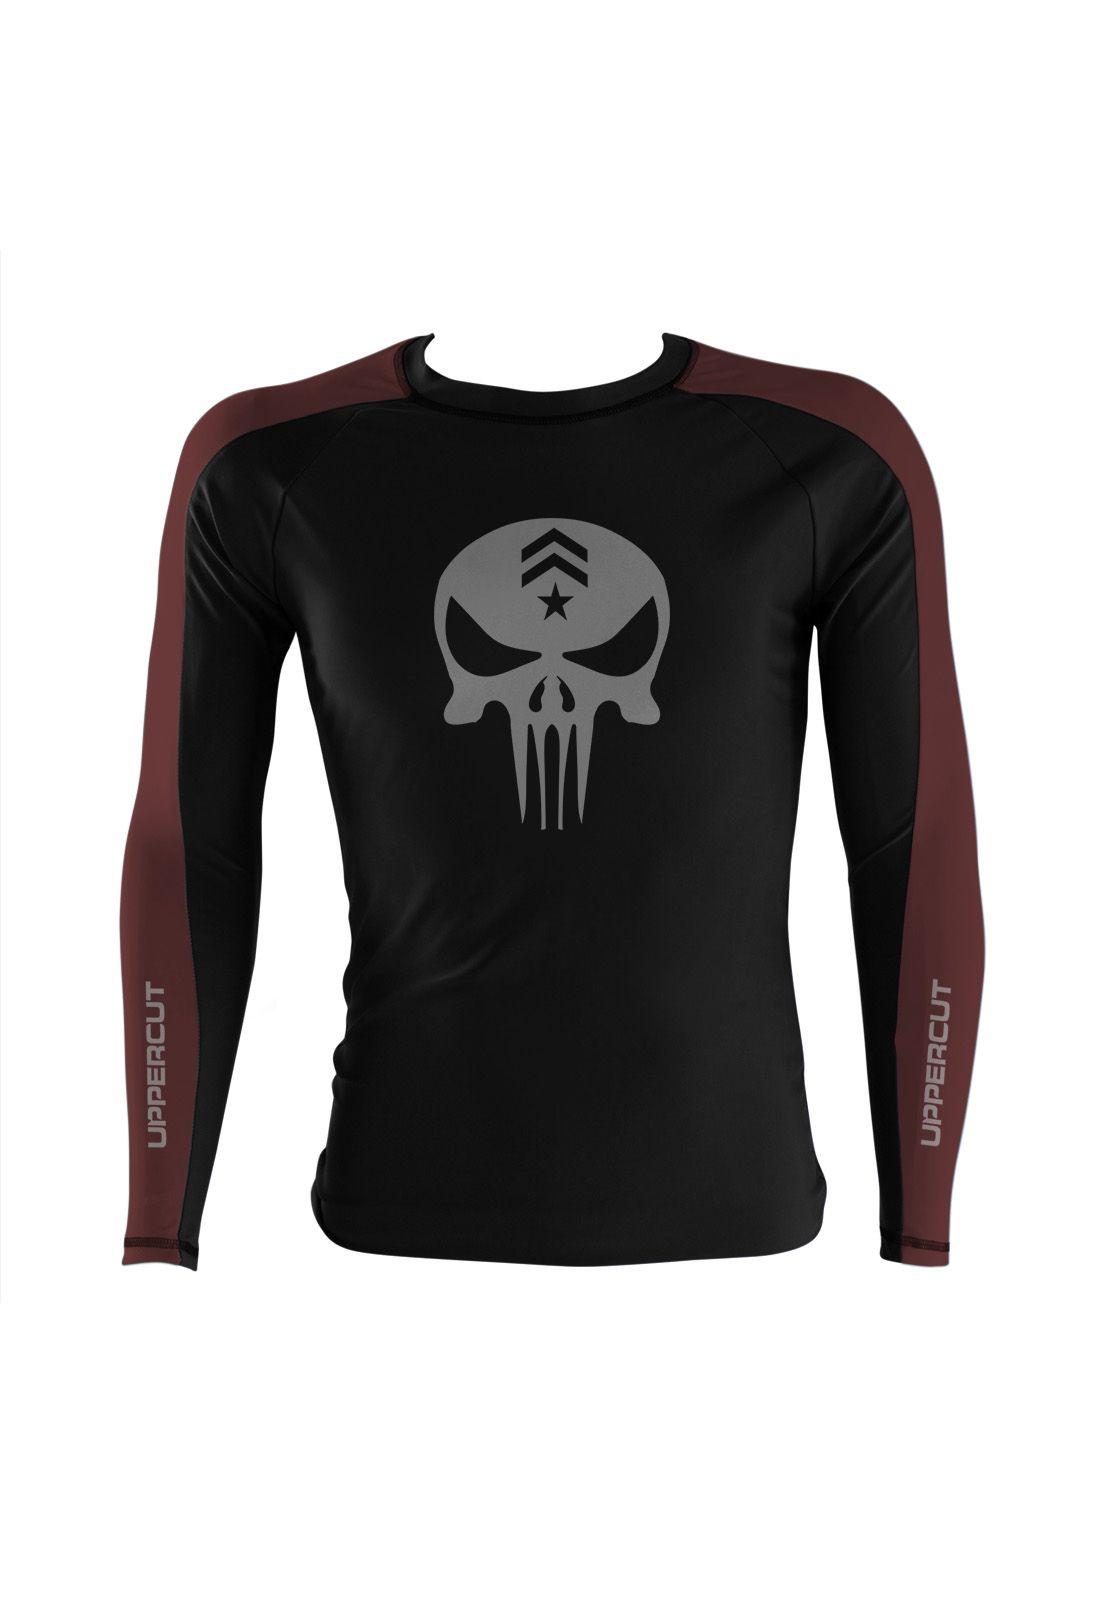 Camisa Rash Guard Justiceiro War R-3 - Preto/Marron - Uppercut